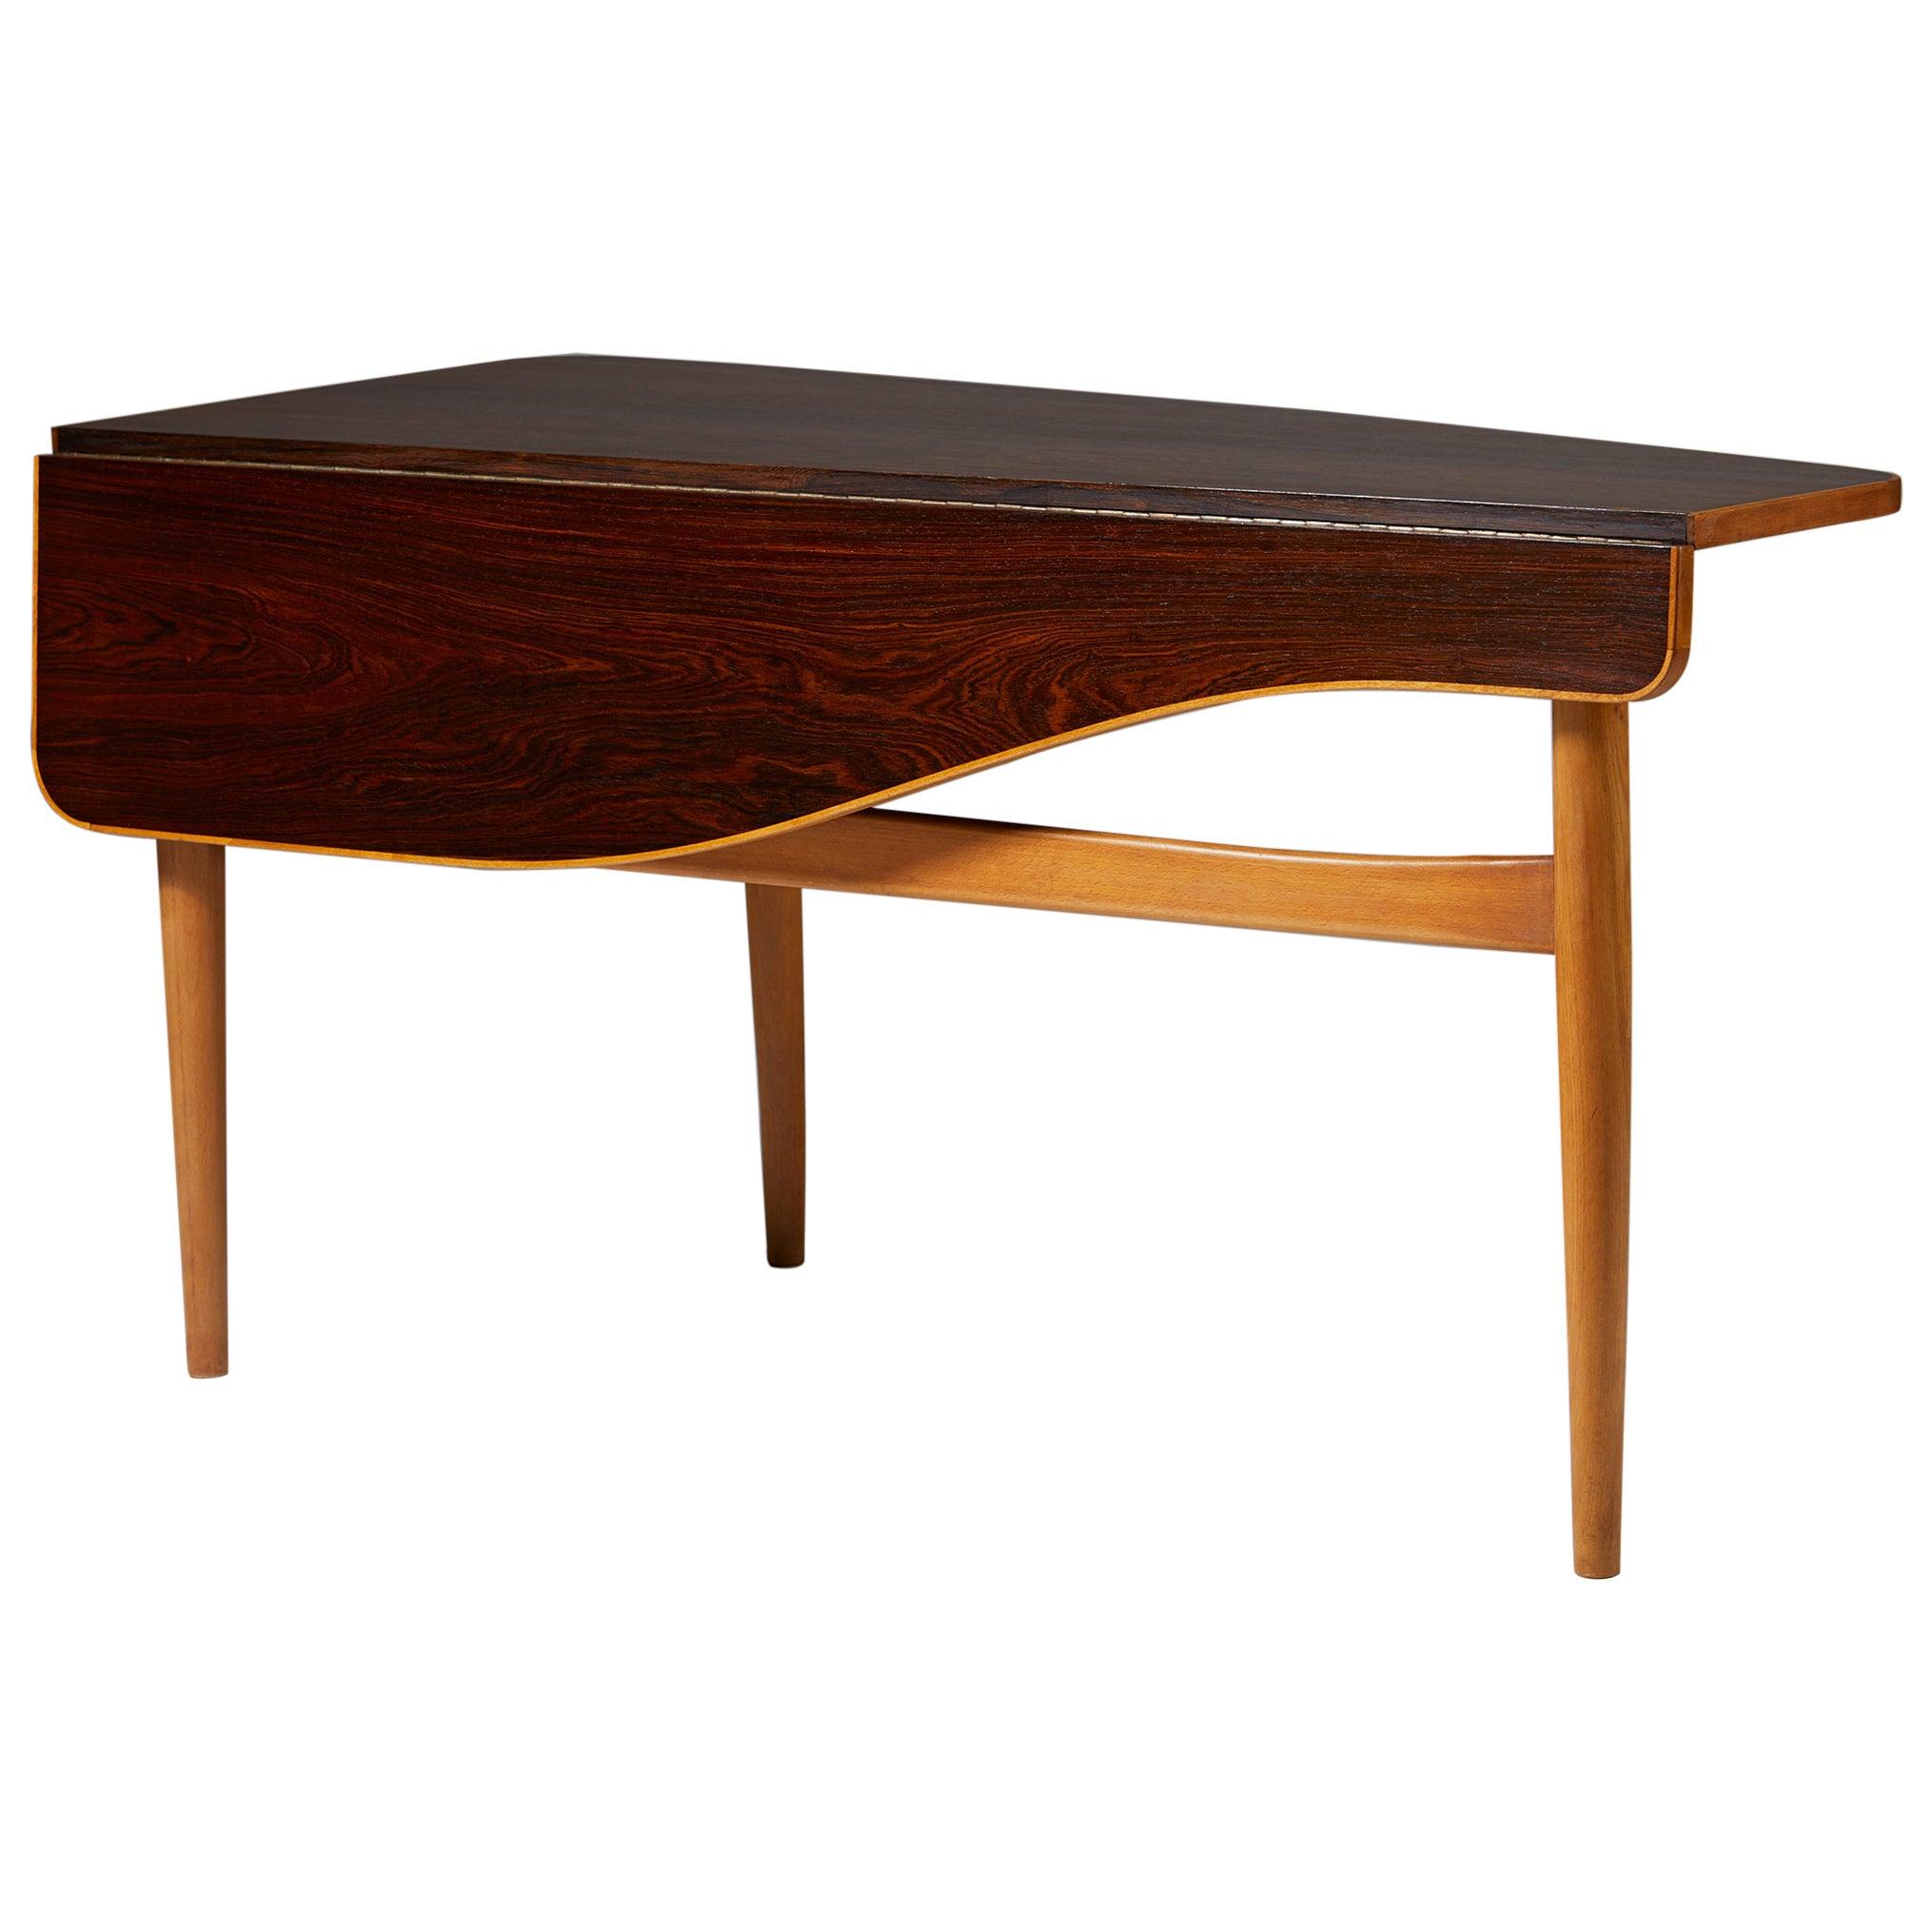 Occasional Table Designed by Finn Juhl for Bovirke, Denmark, 1940s